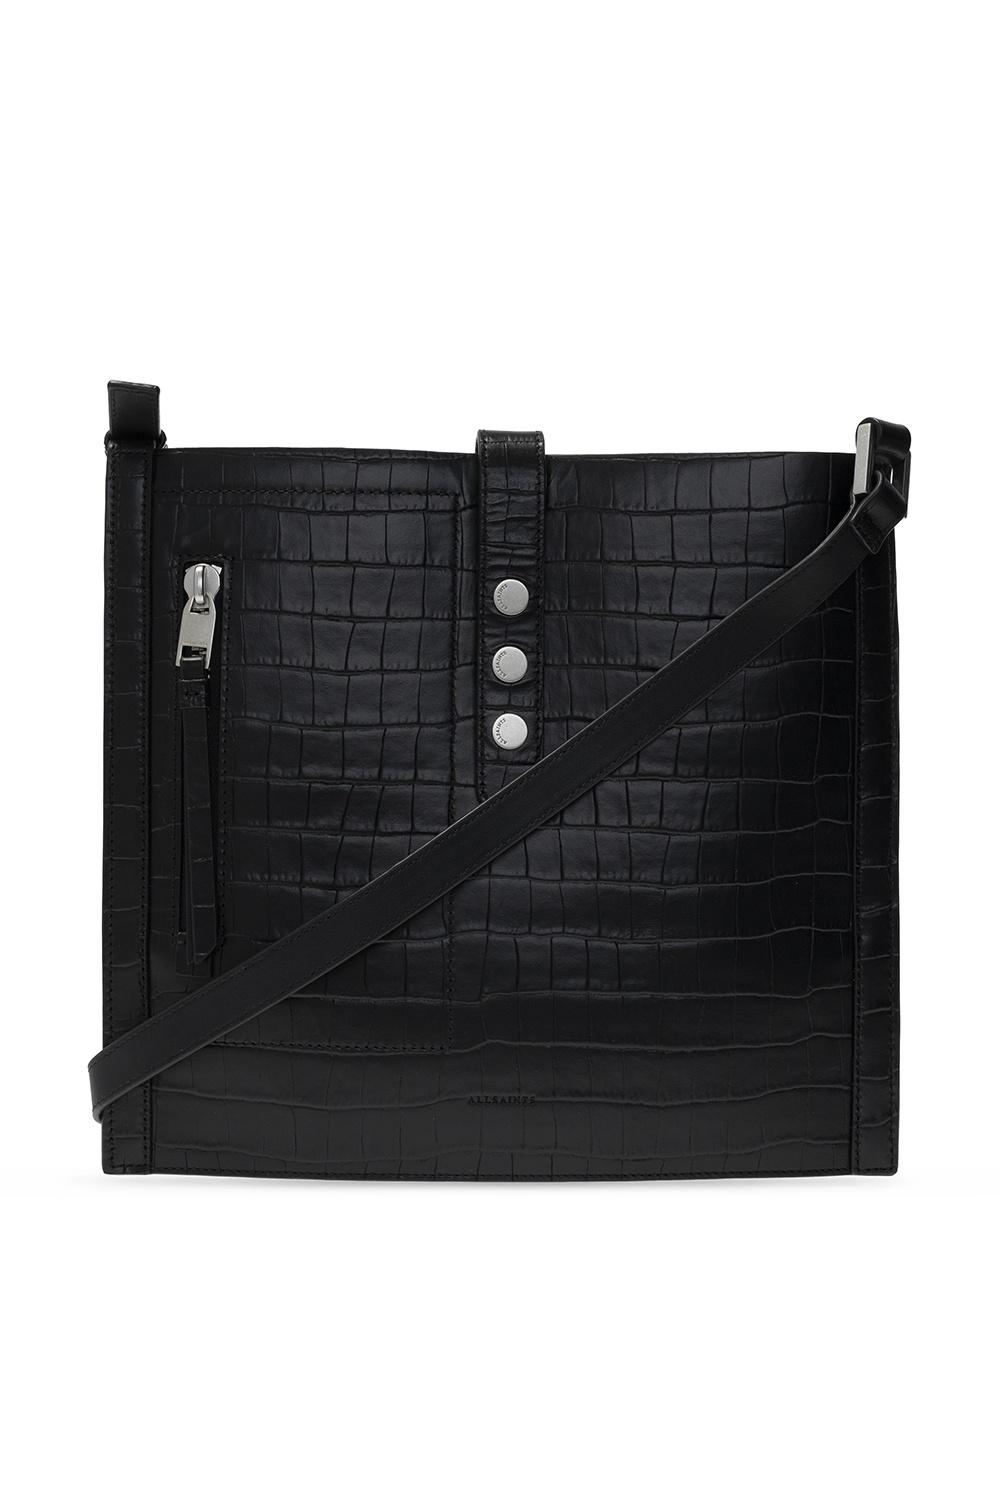 AllSaints 'Alexandia' shoulder bag